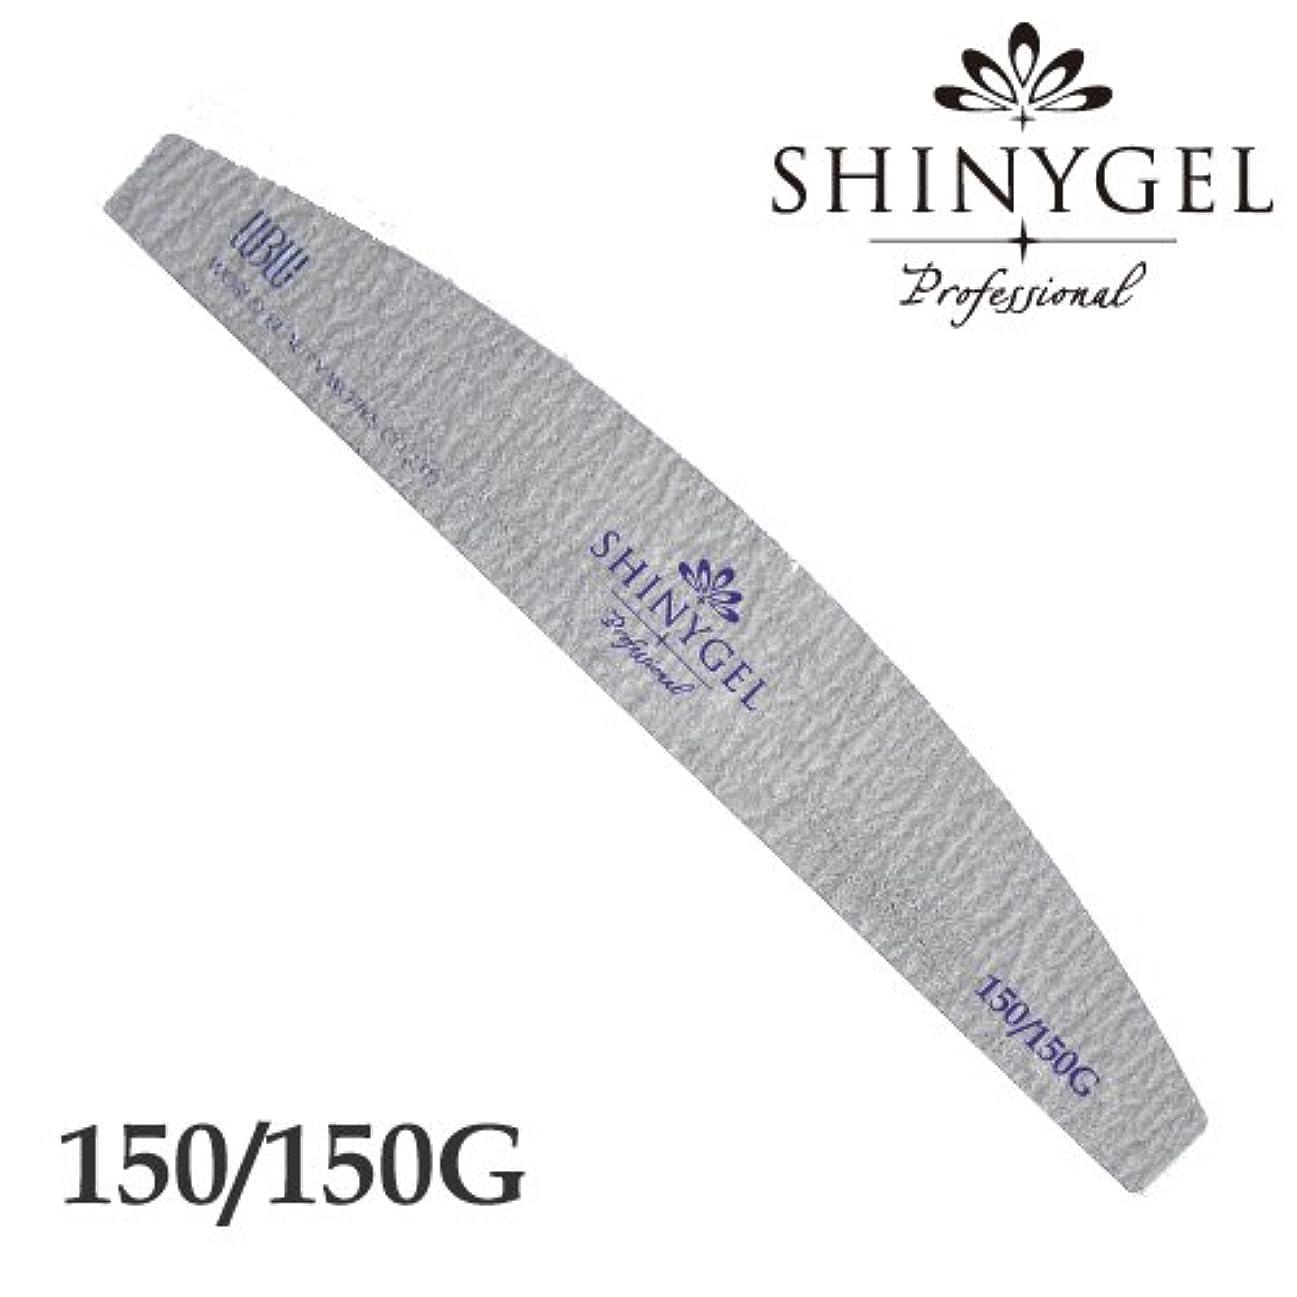 できた無限フォアマンSHINYGEL Professional シャイニージェルプロフェッショナル ゼブラファイル ブラック(アーチ型) 150/150G ジェルネイル 爪やすり